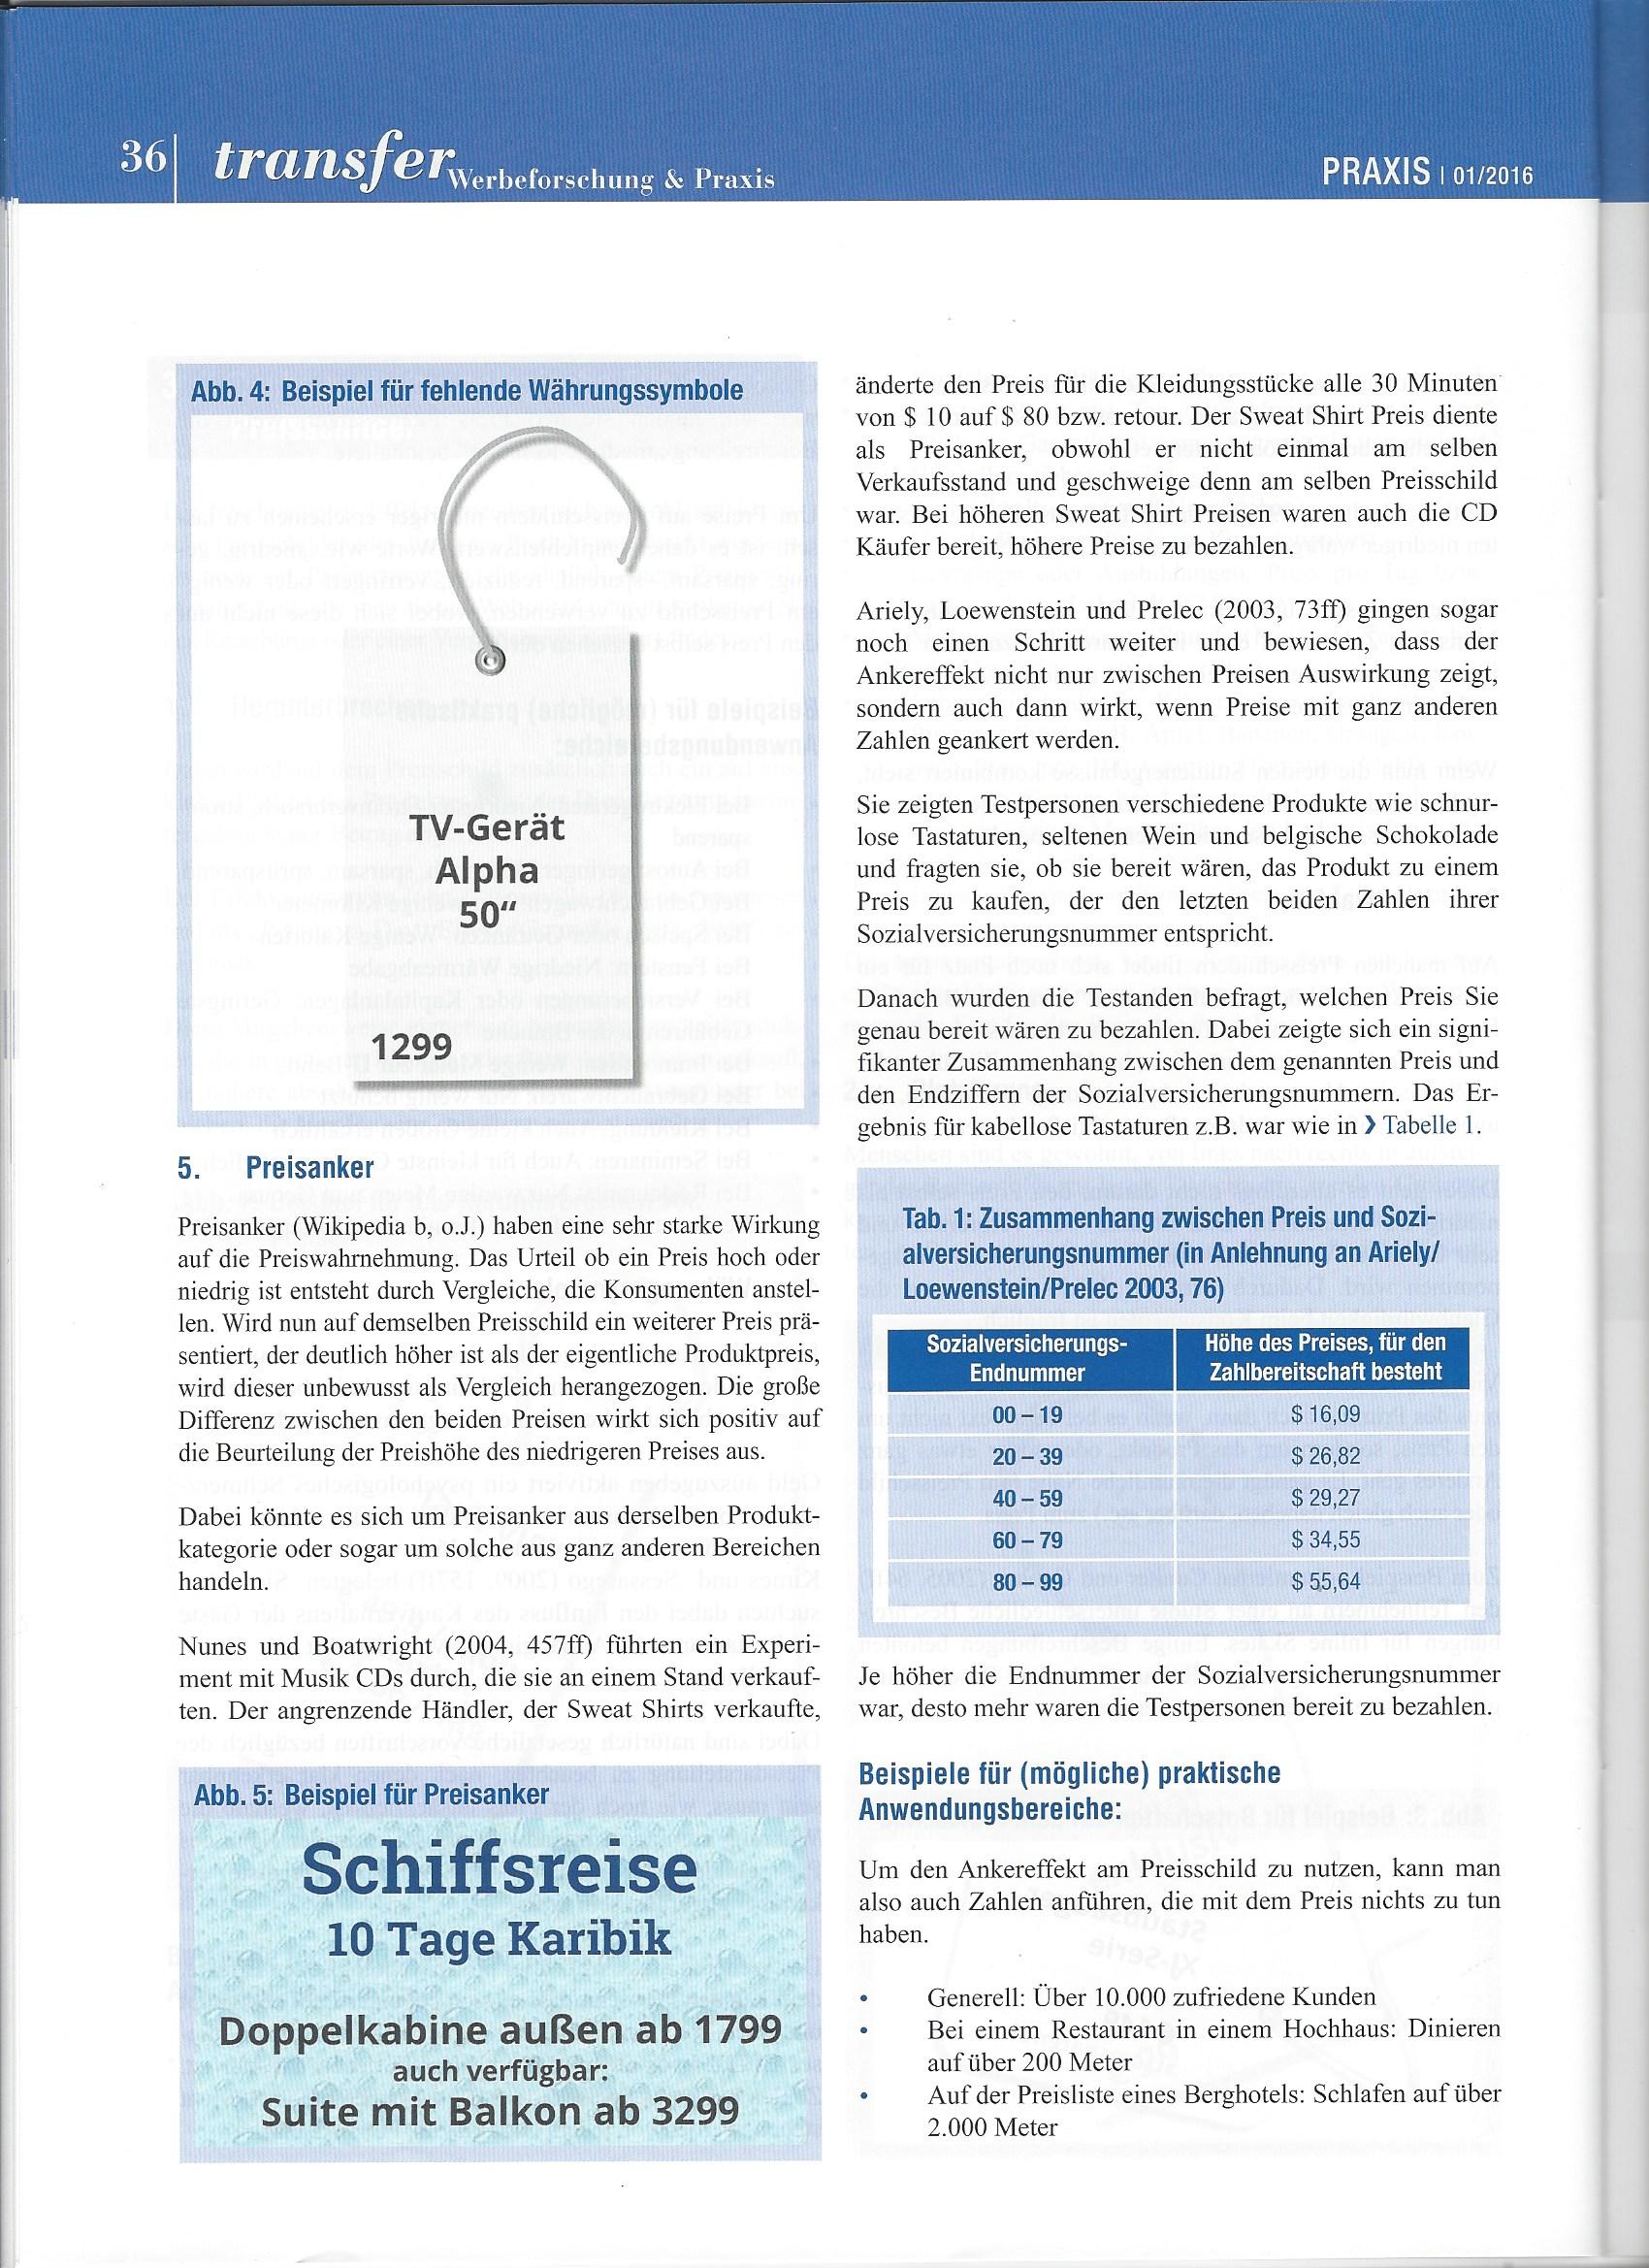 transfer - Seite 4 - 04/2016 - Roman Kmenta- Unternehmer und Keynote Speaker